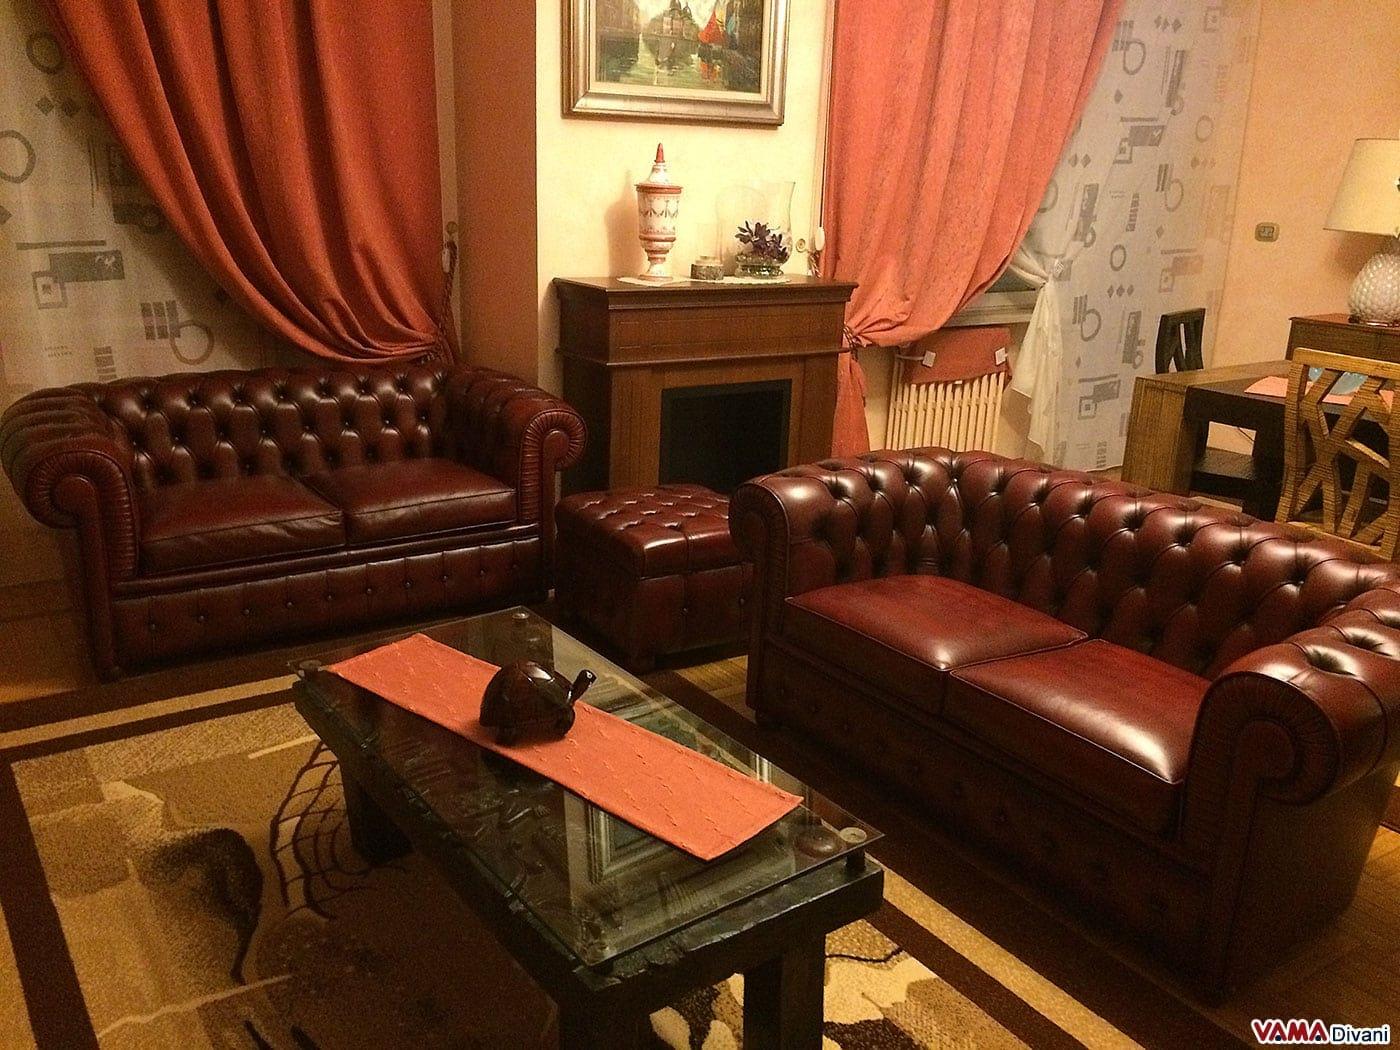 Divano chesterfield 2 posti prezzo rivestimenti e misure - Divani e divani divano letto prezzo ...